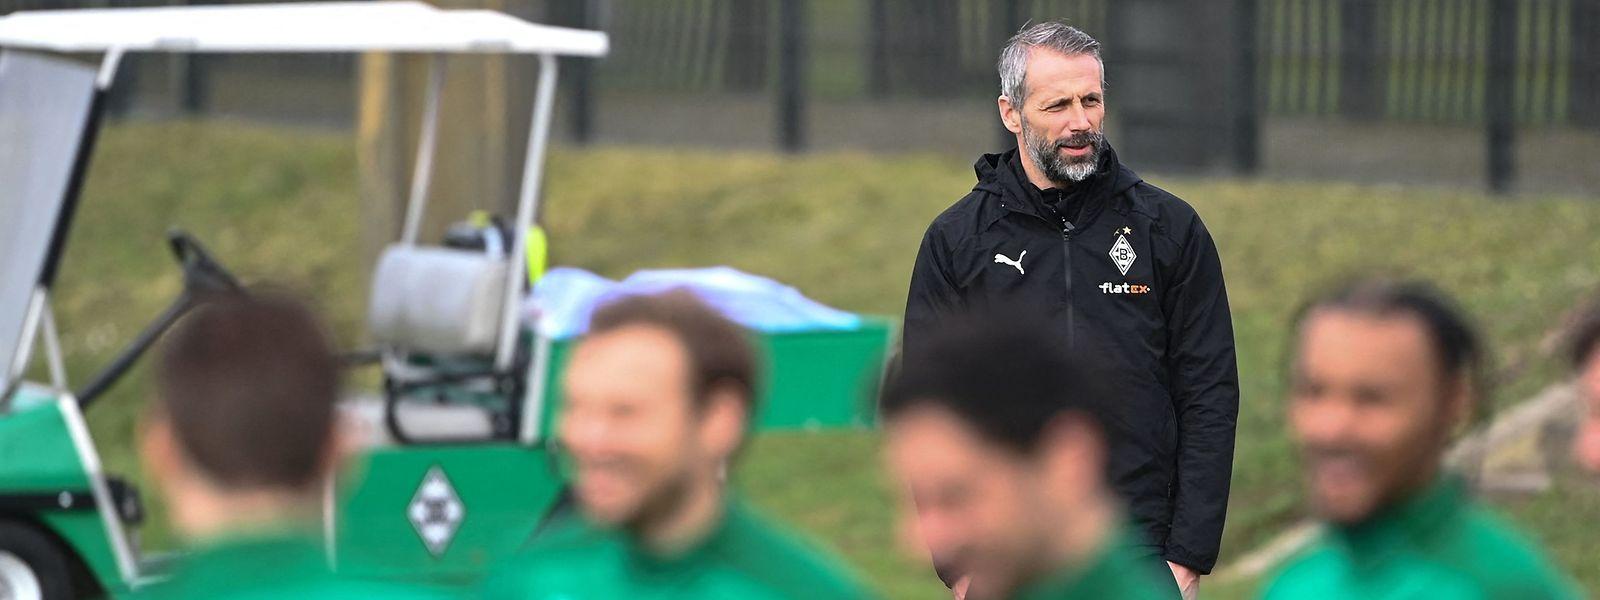 Mönchengladbachs scheidender Trainer Marco Rose bleibt optimistisch.